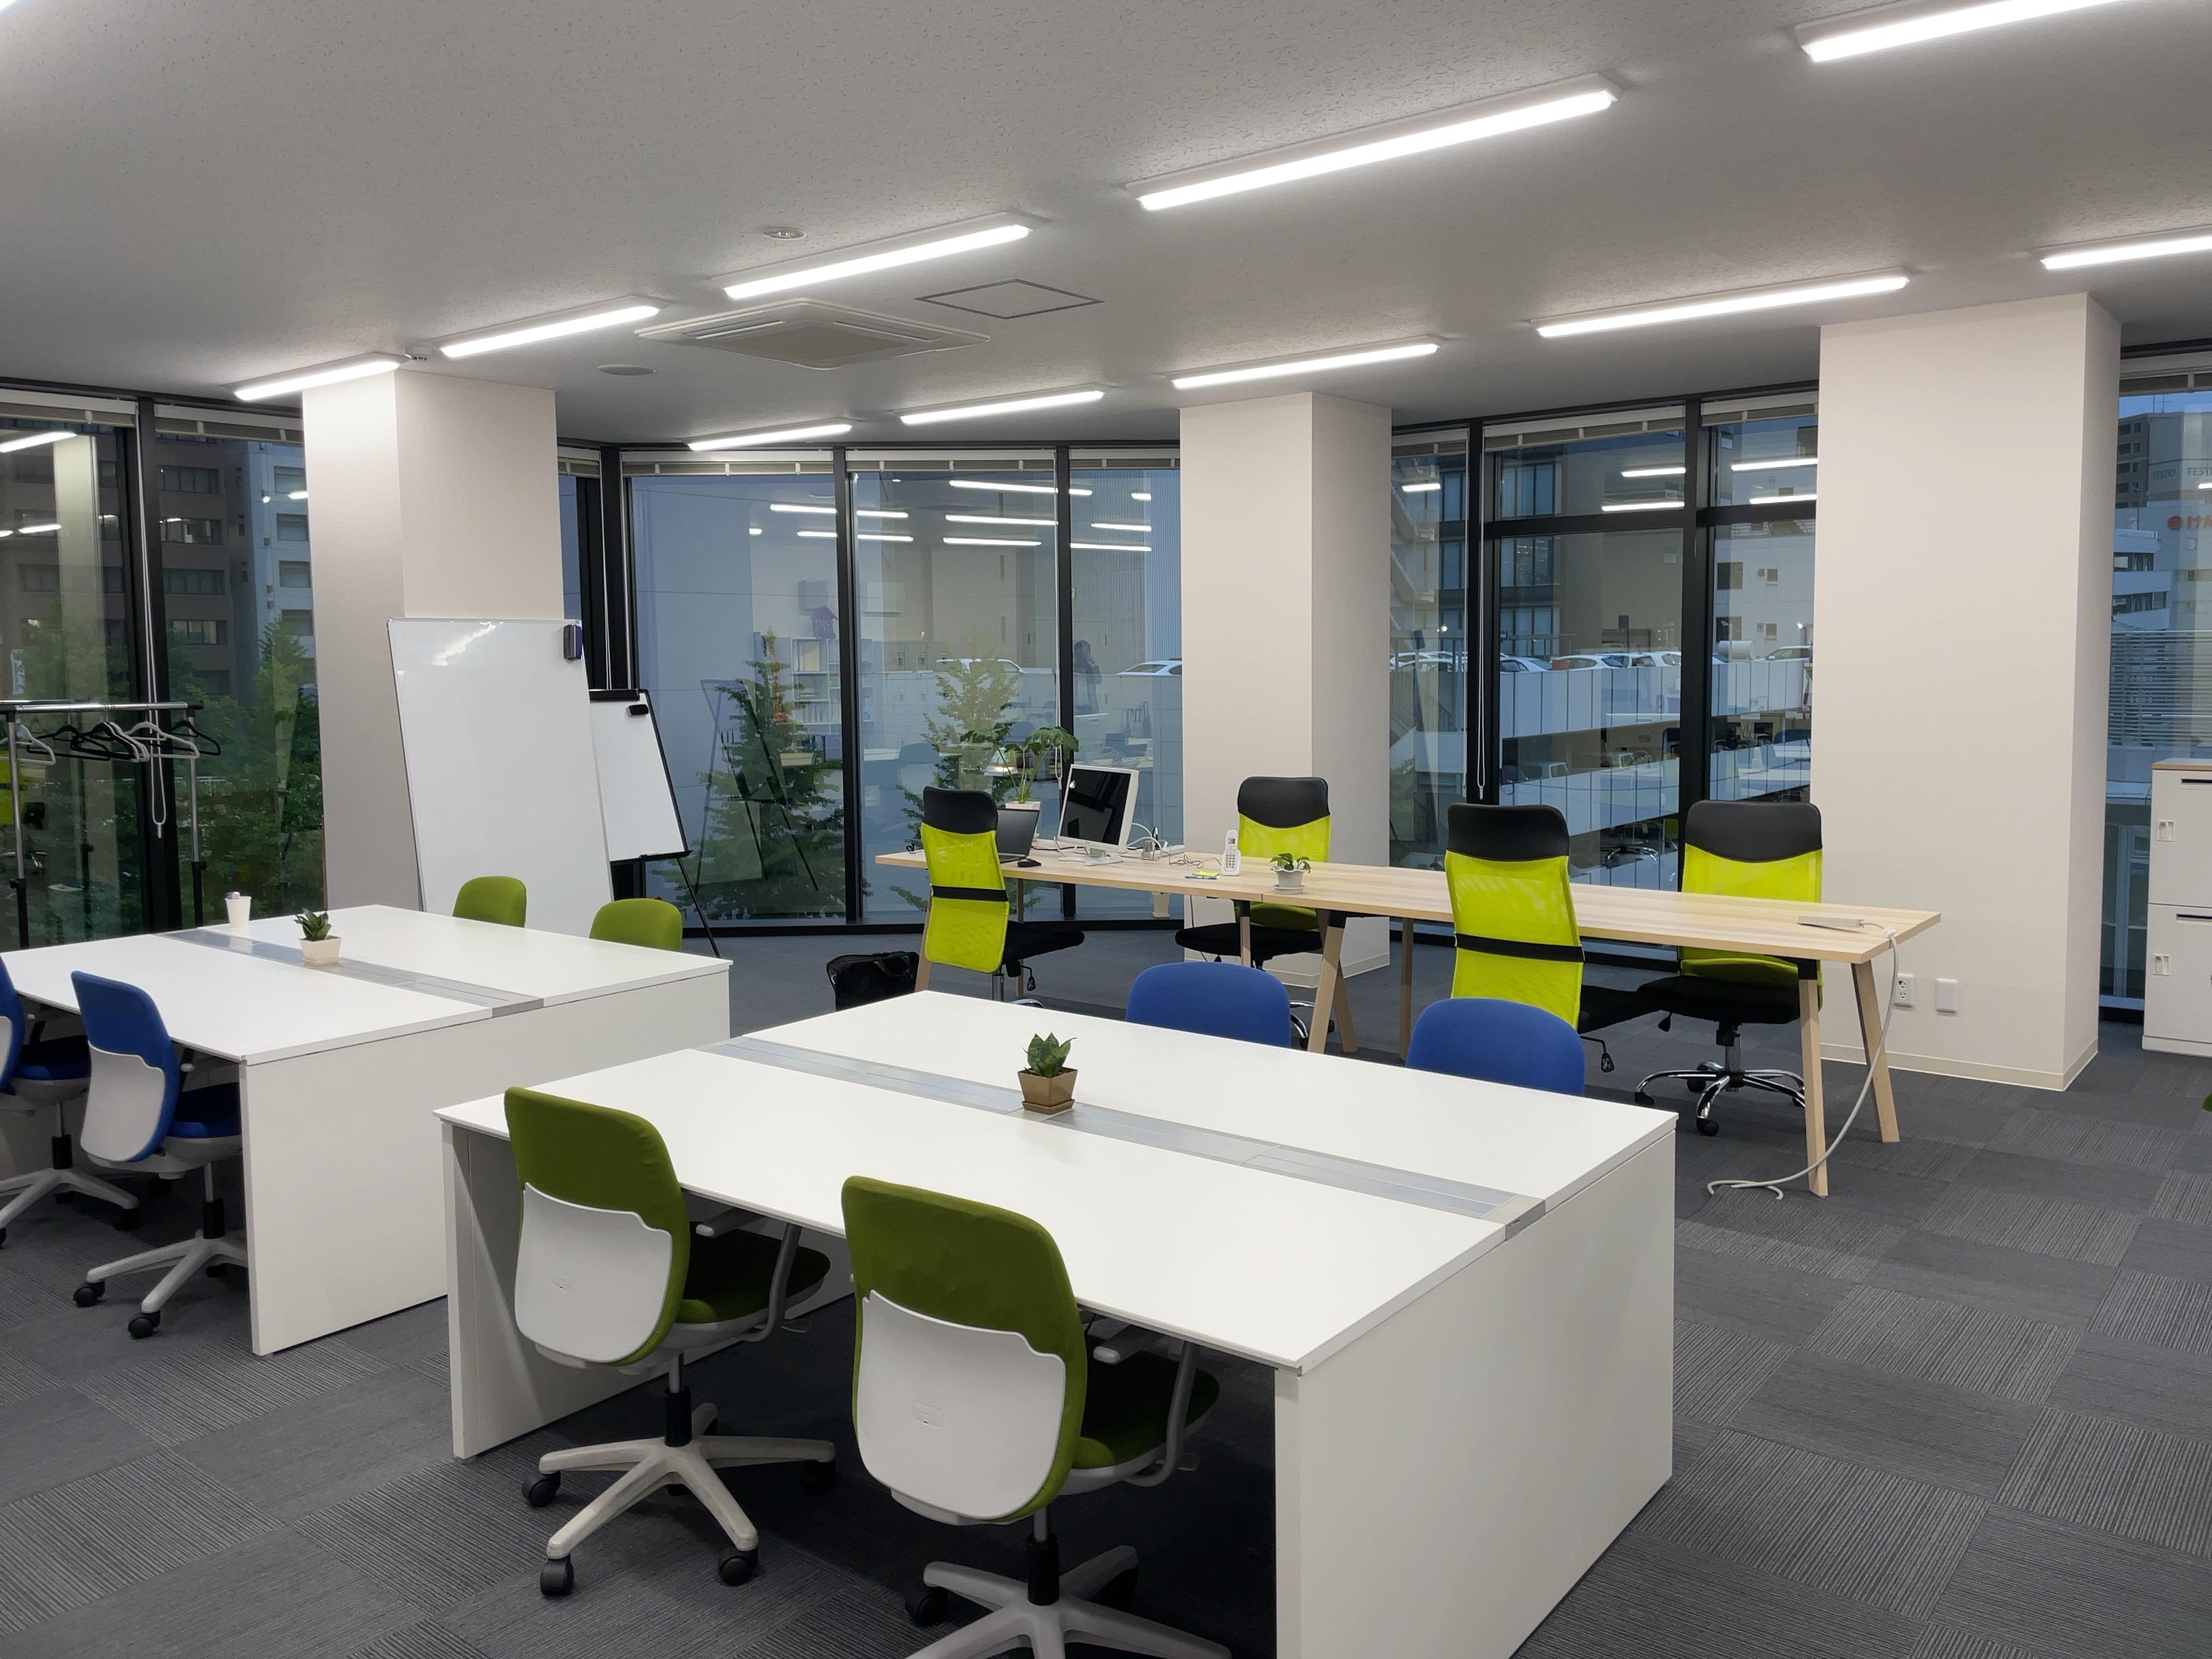 INSIGHT LAB新潟研究開発センターのオフィス風景